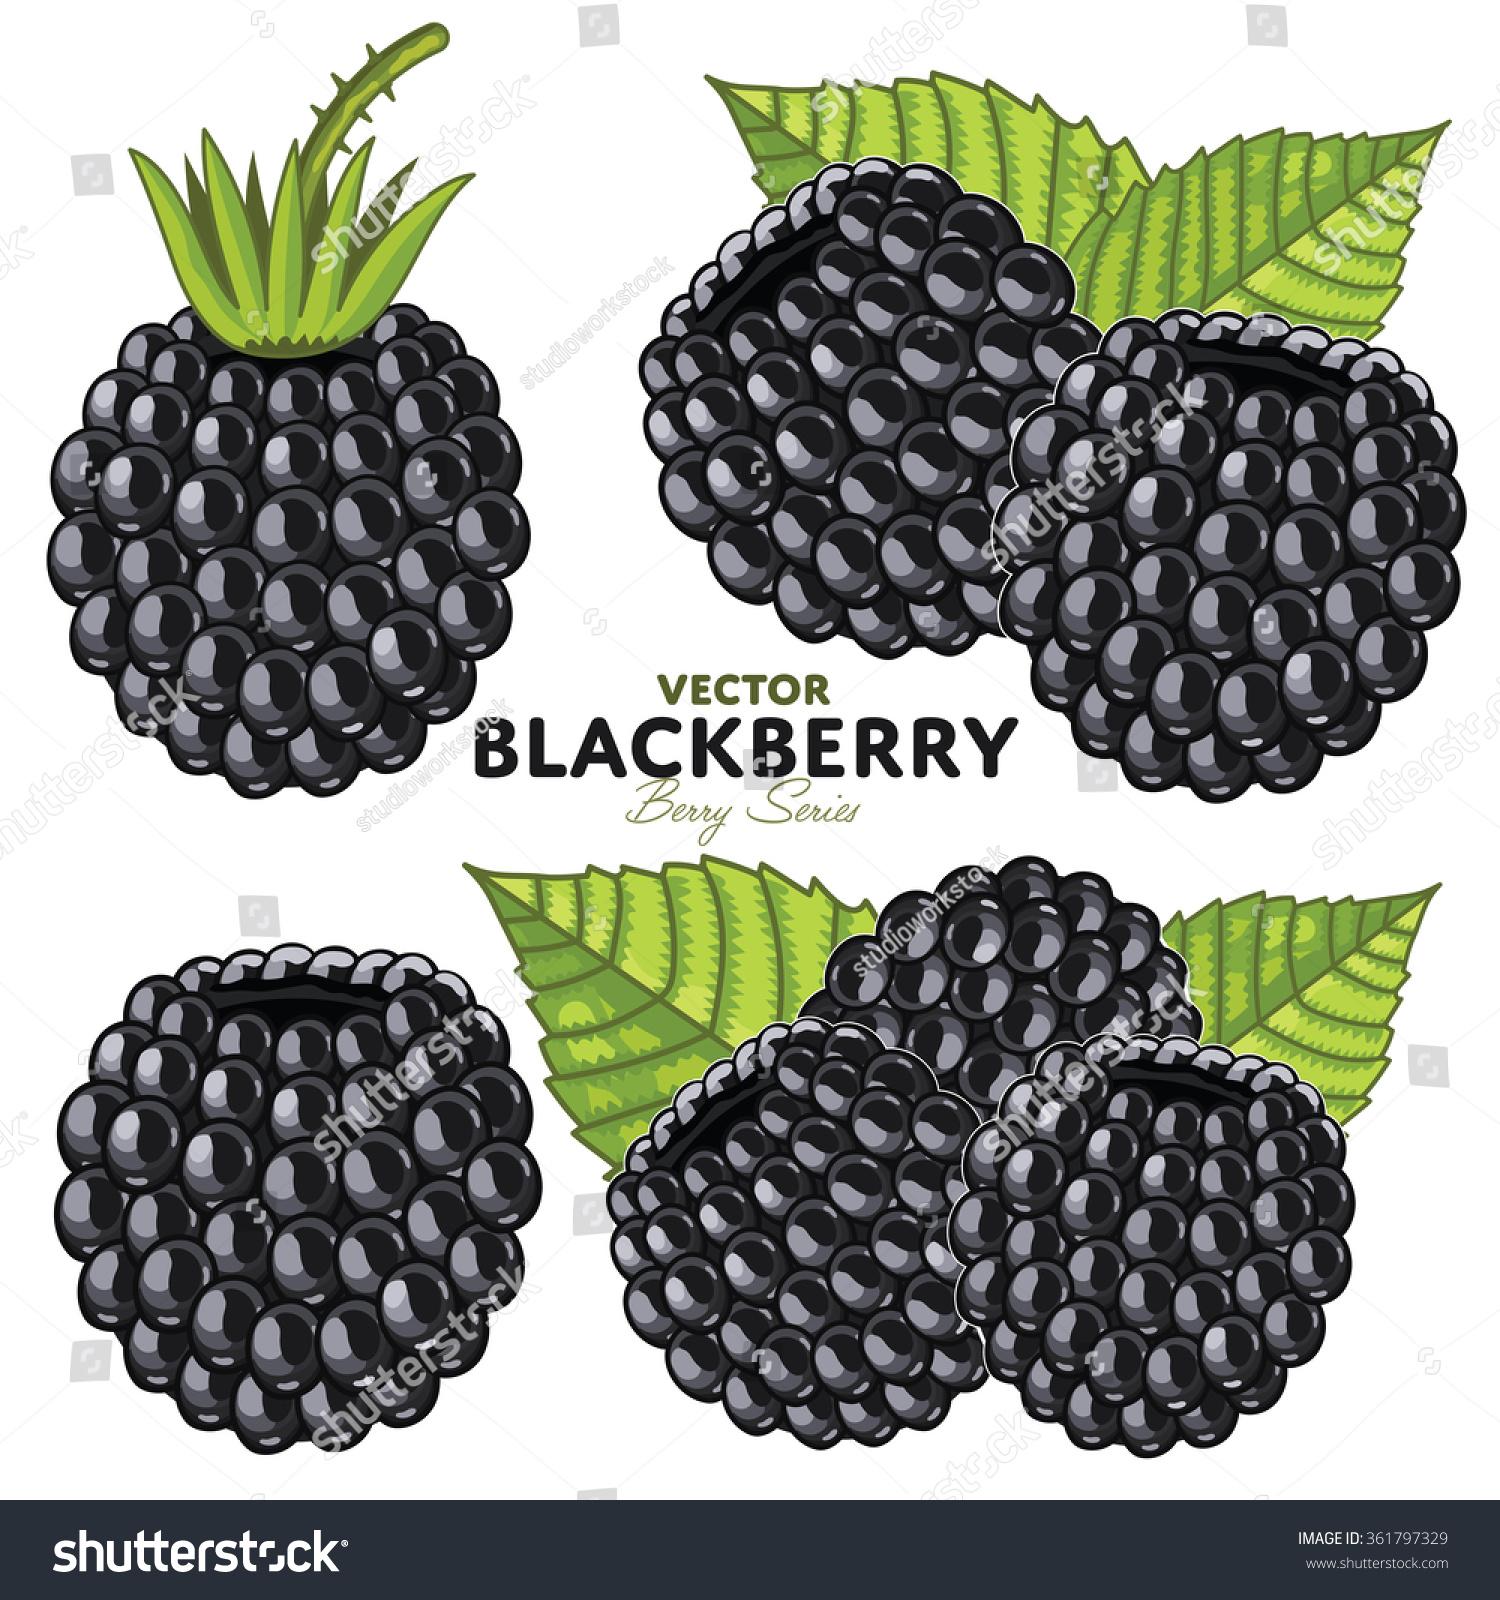 blackberry composition blackberry leaves blackberry